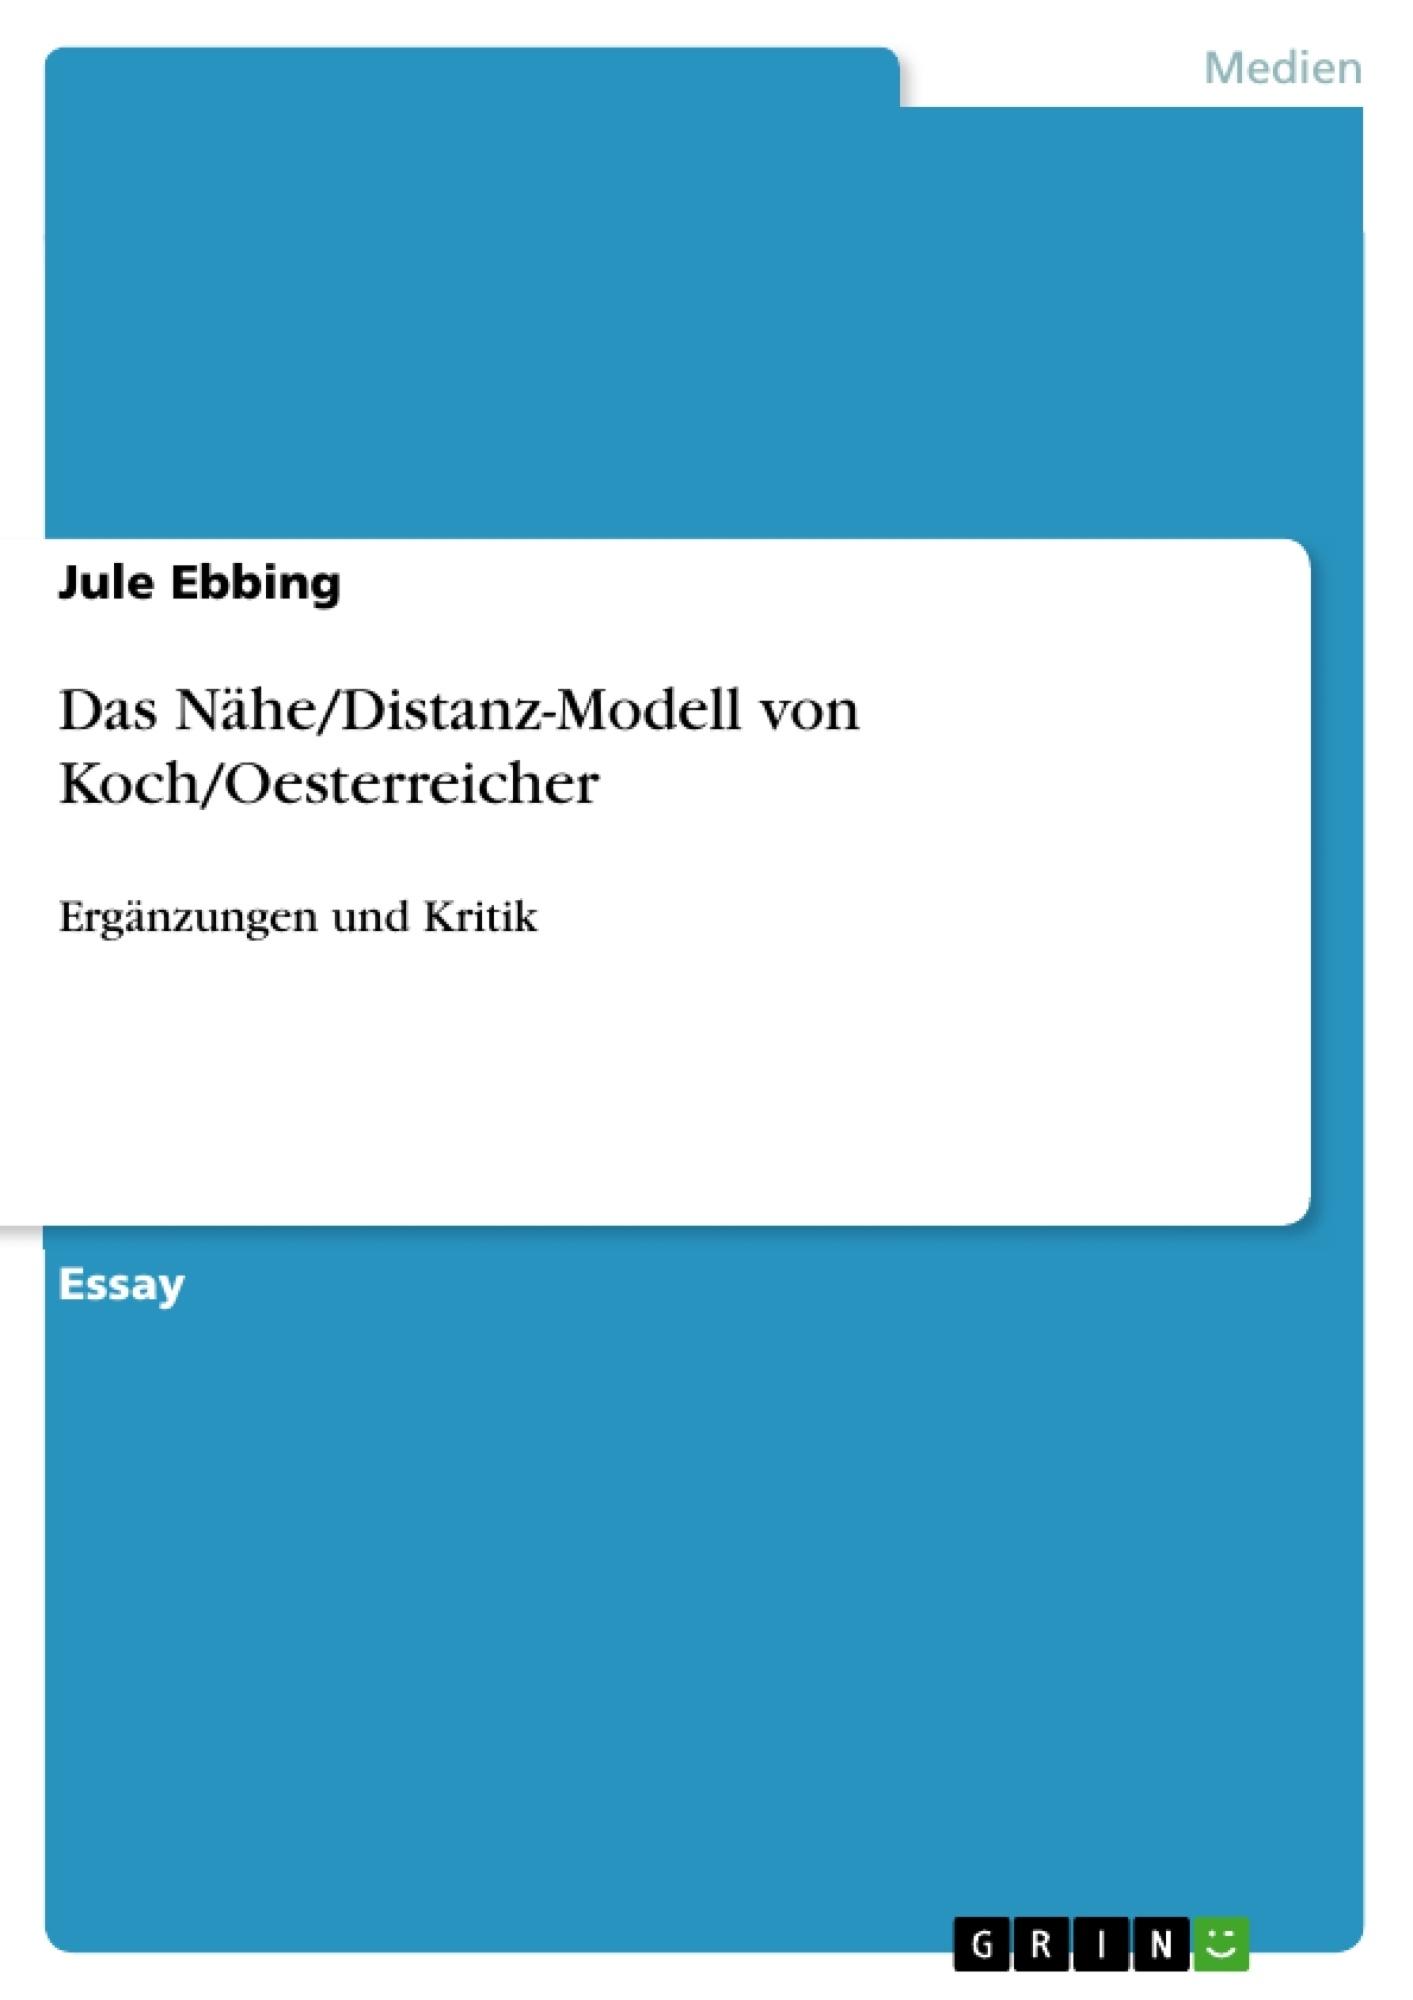 Titel: Das Nähe/Distanz-Modell von Koch/Oesterreicher